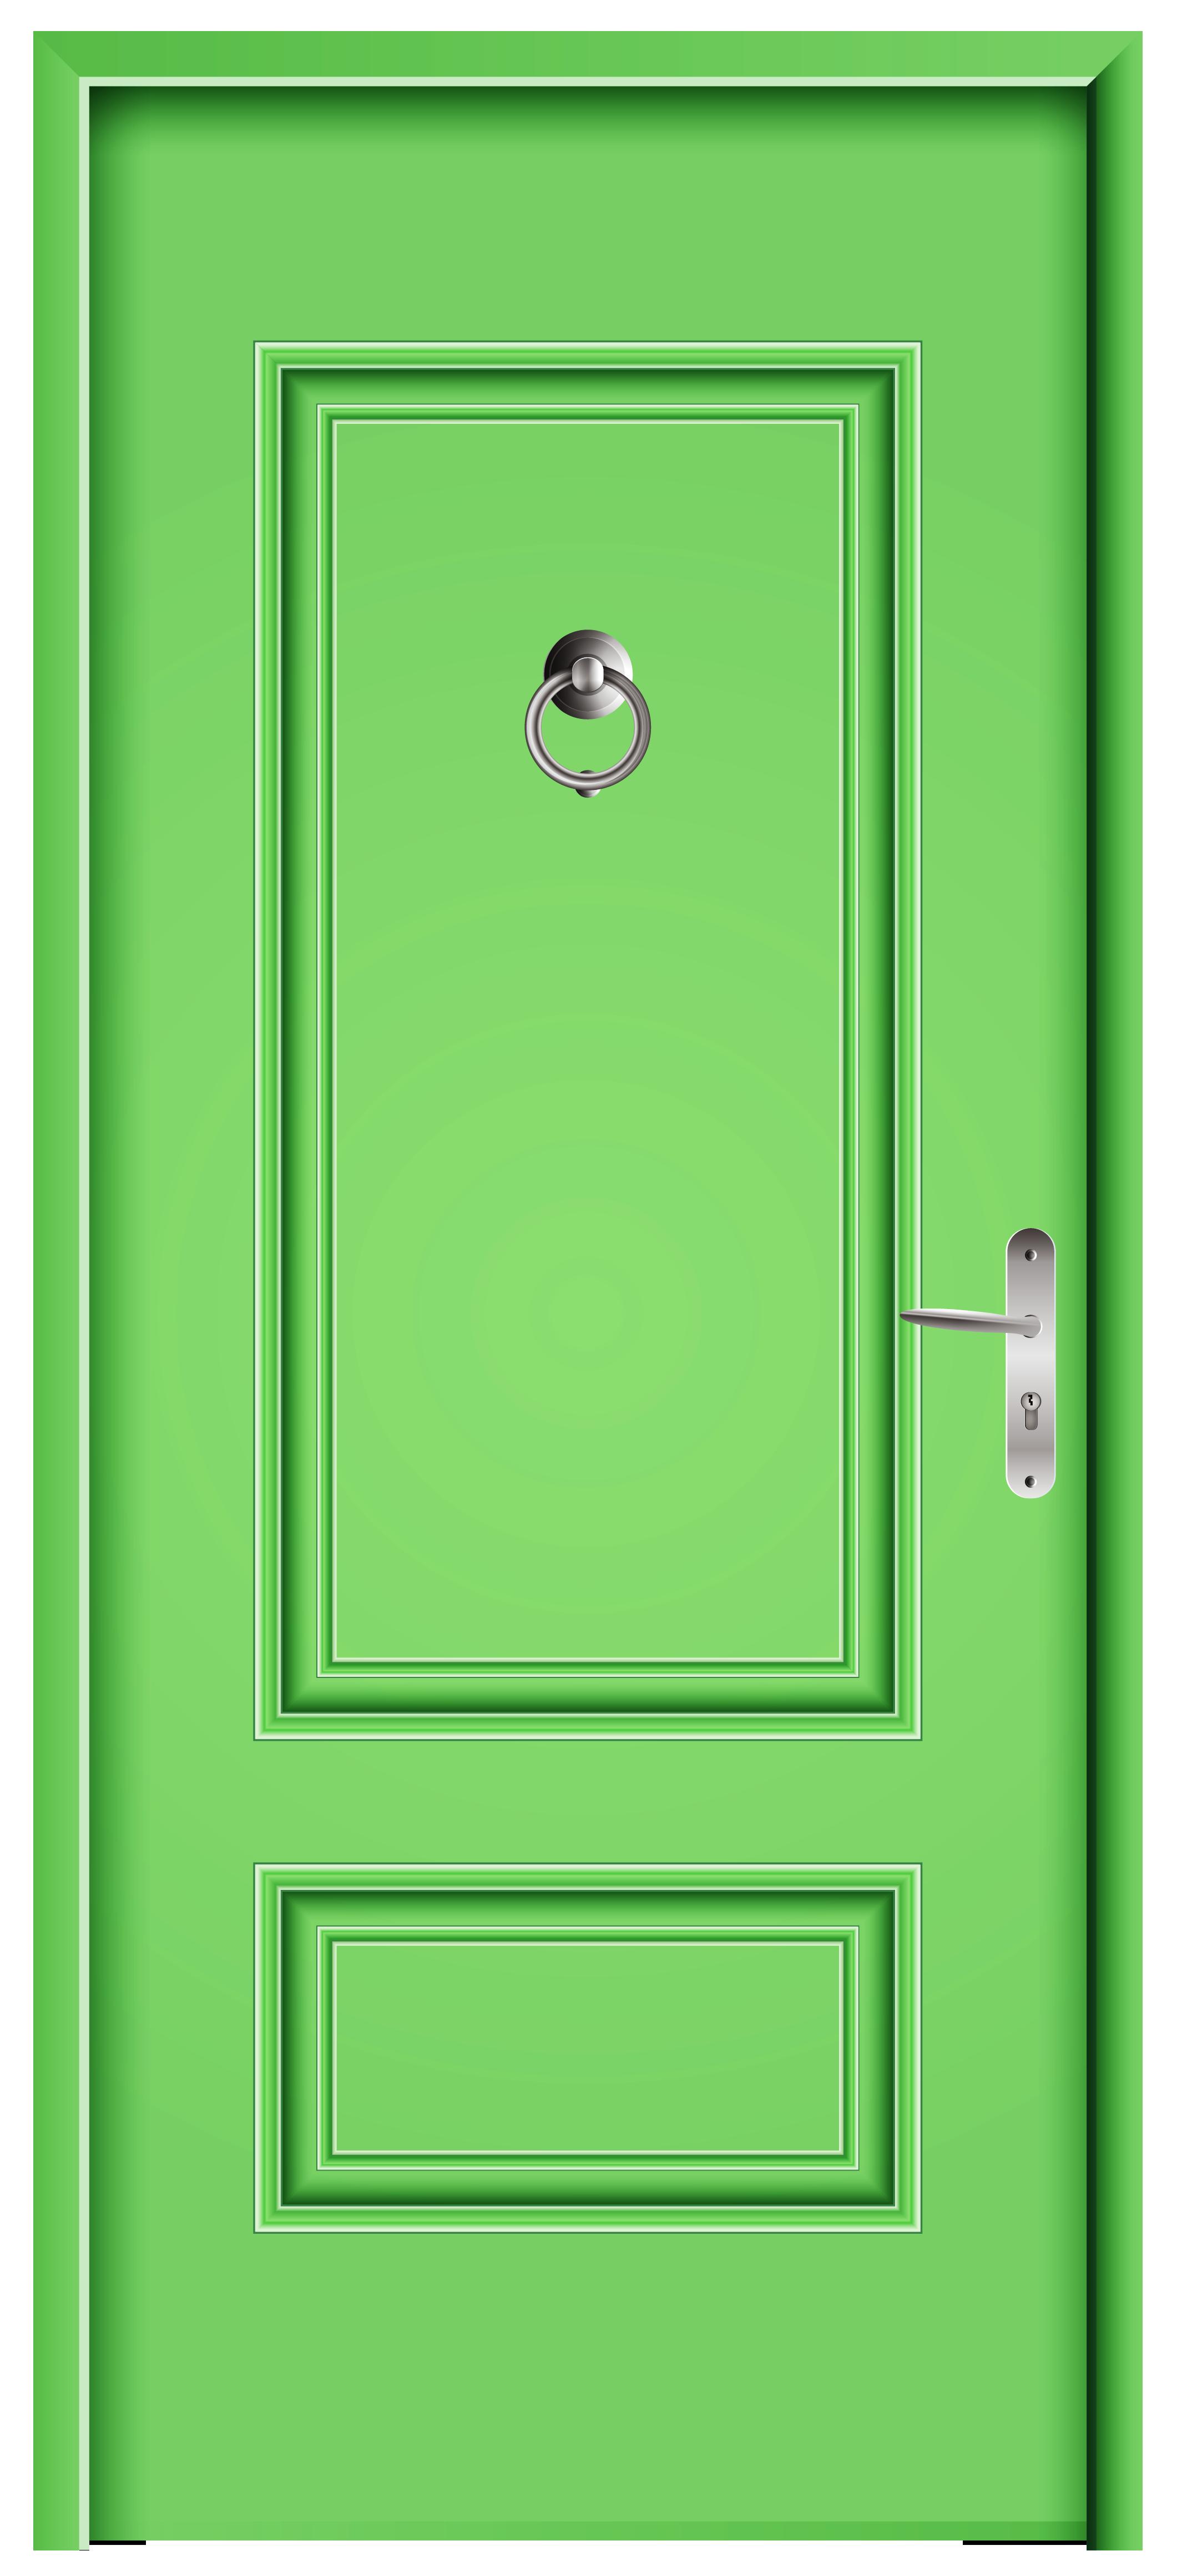 Clipart door green door. Front png clip art